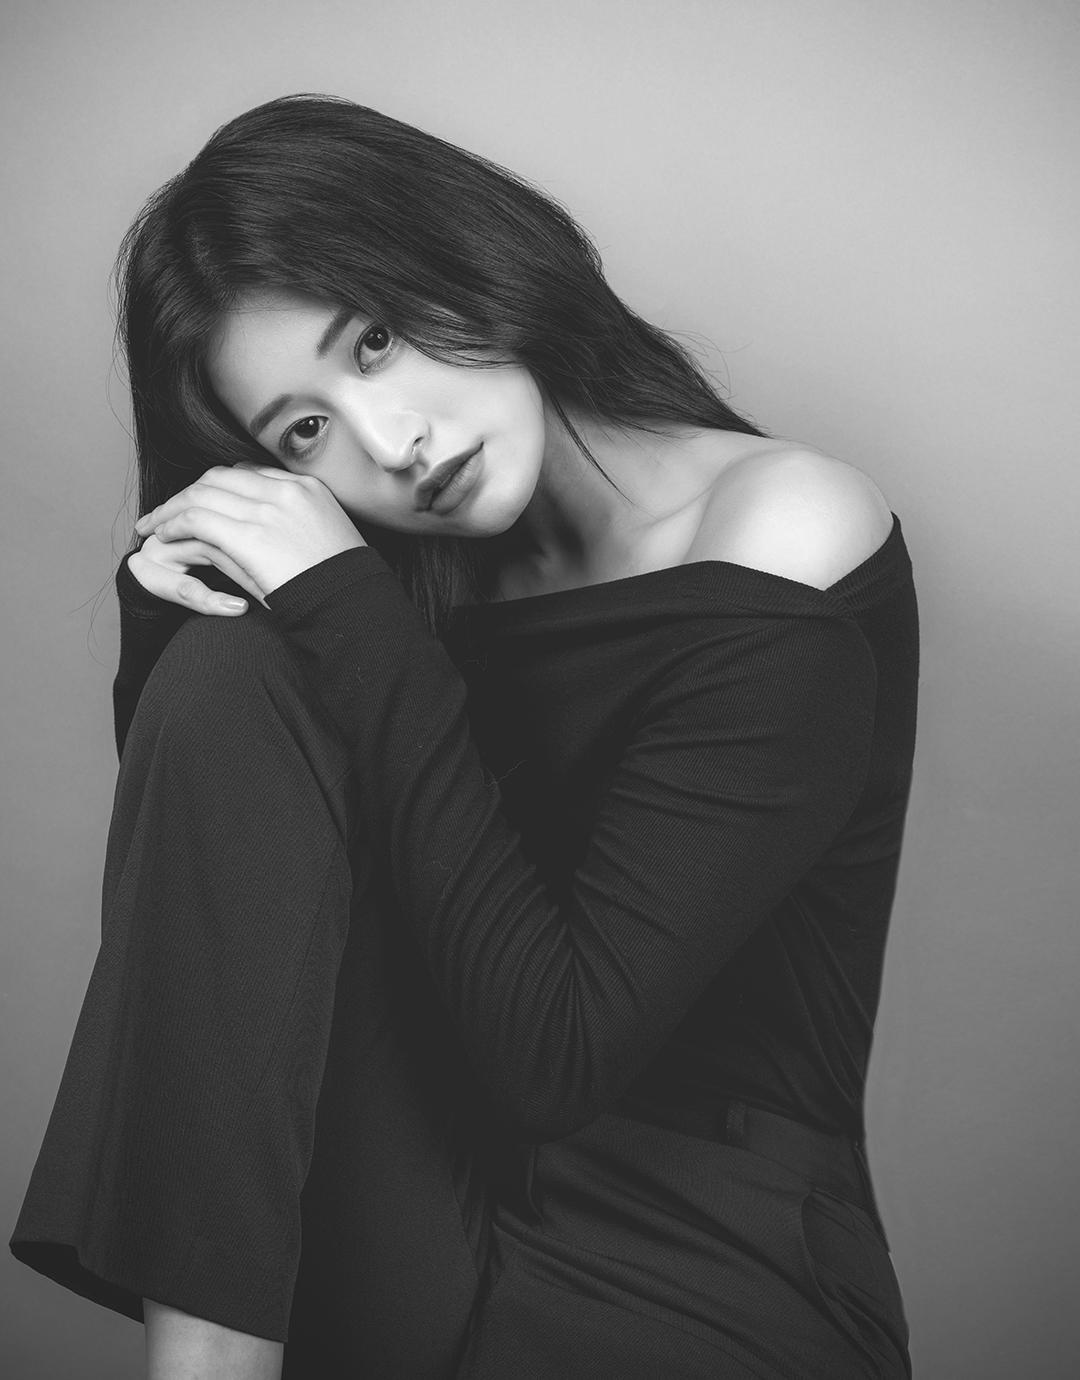 <br><h4>B&W</h4> 50,000 won